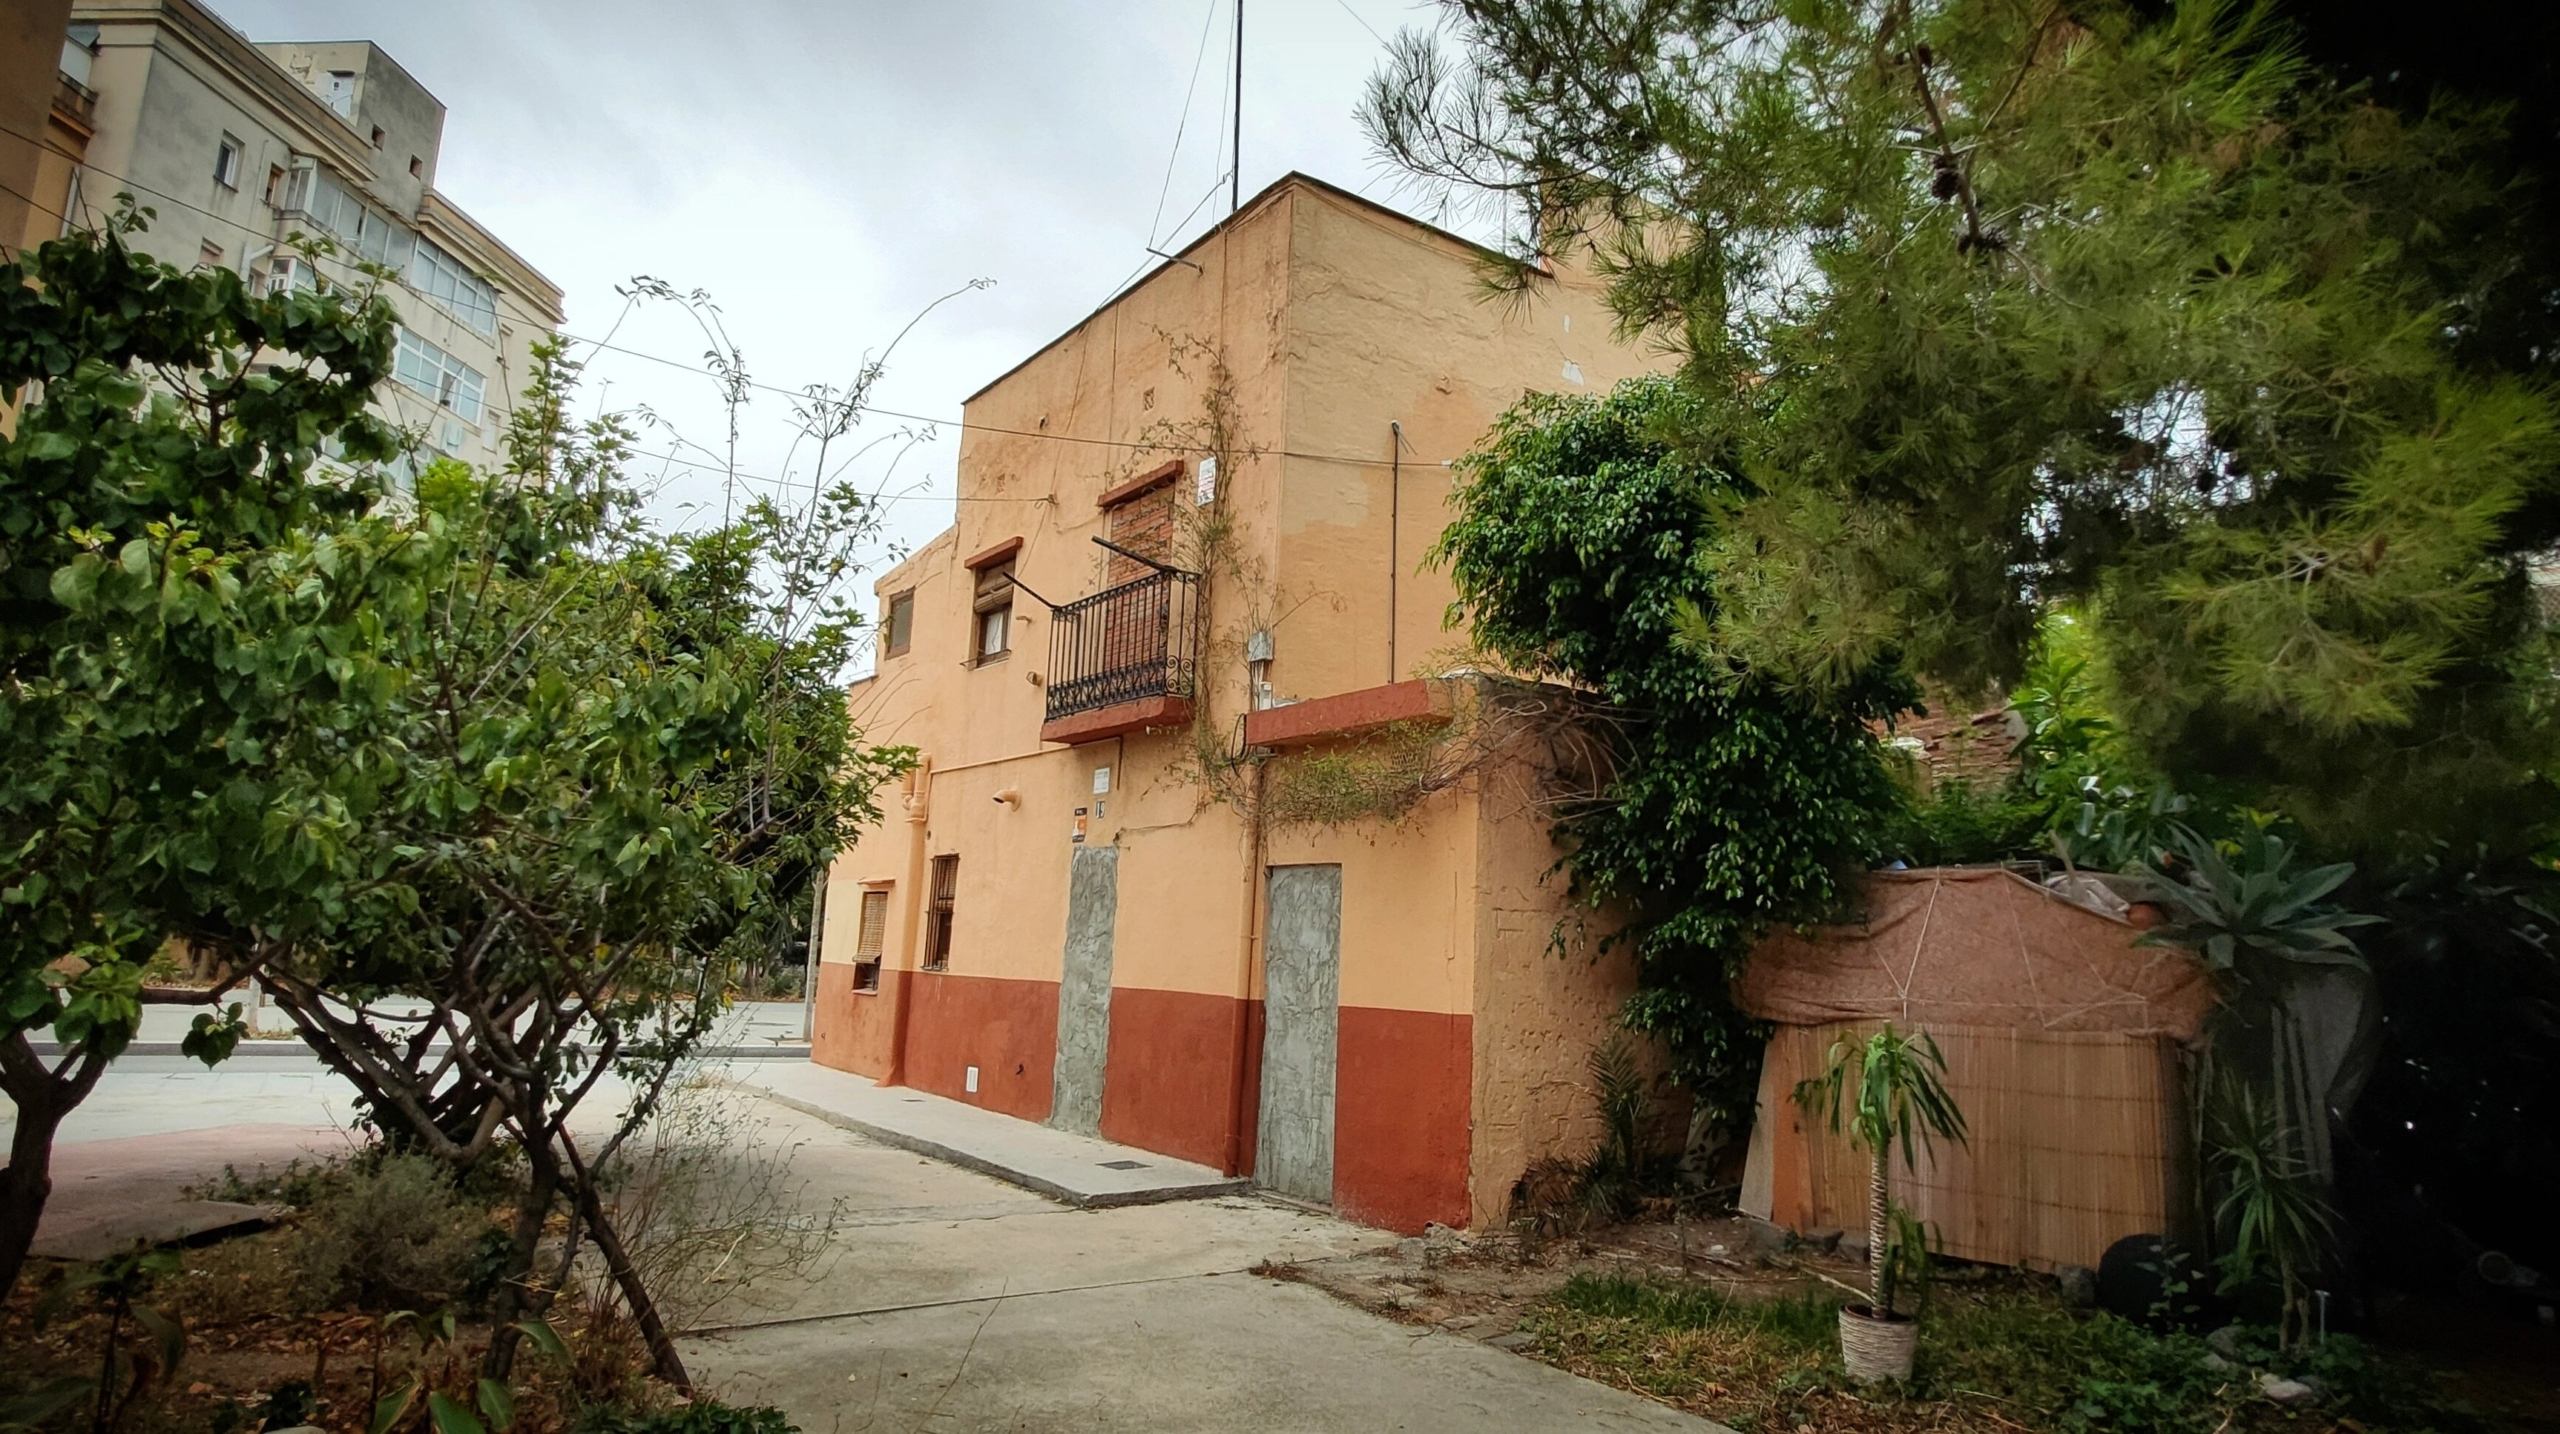 La caseta taronja de la rambla del Poblenou, tapiada i amb la barraca enganxada al costat / D.C.